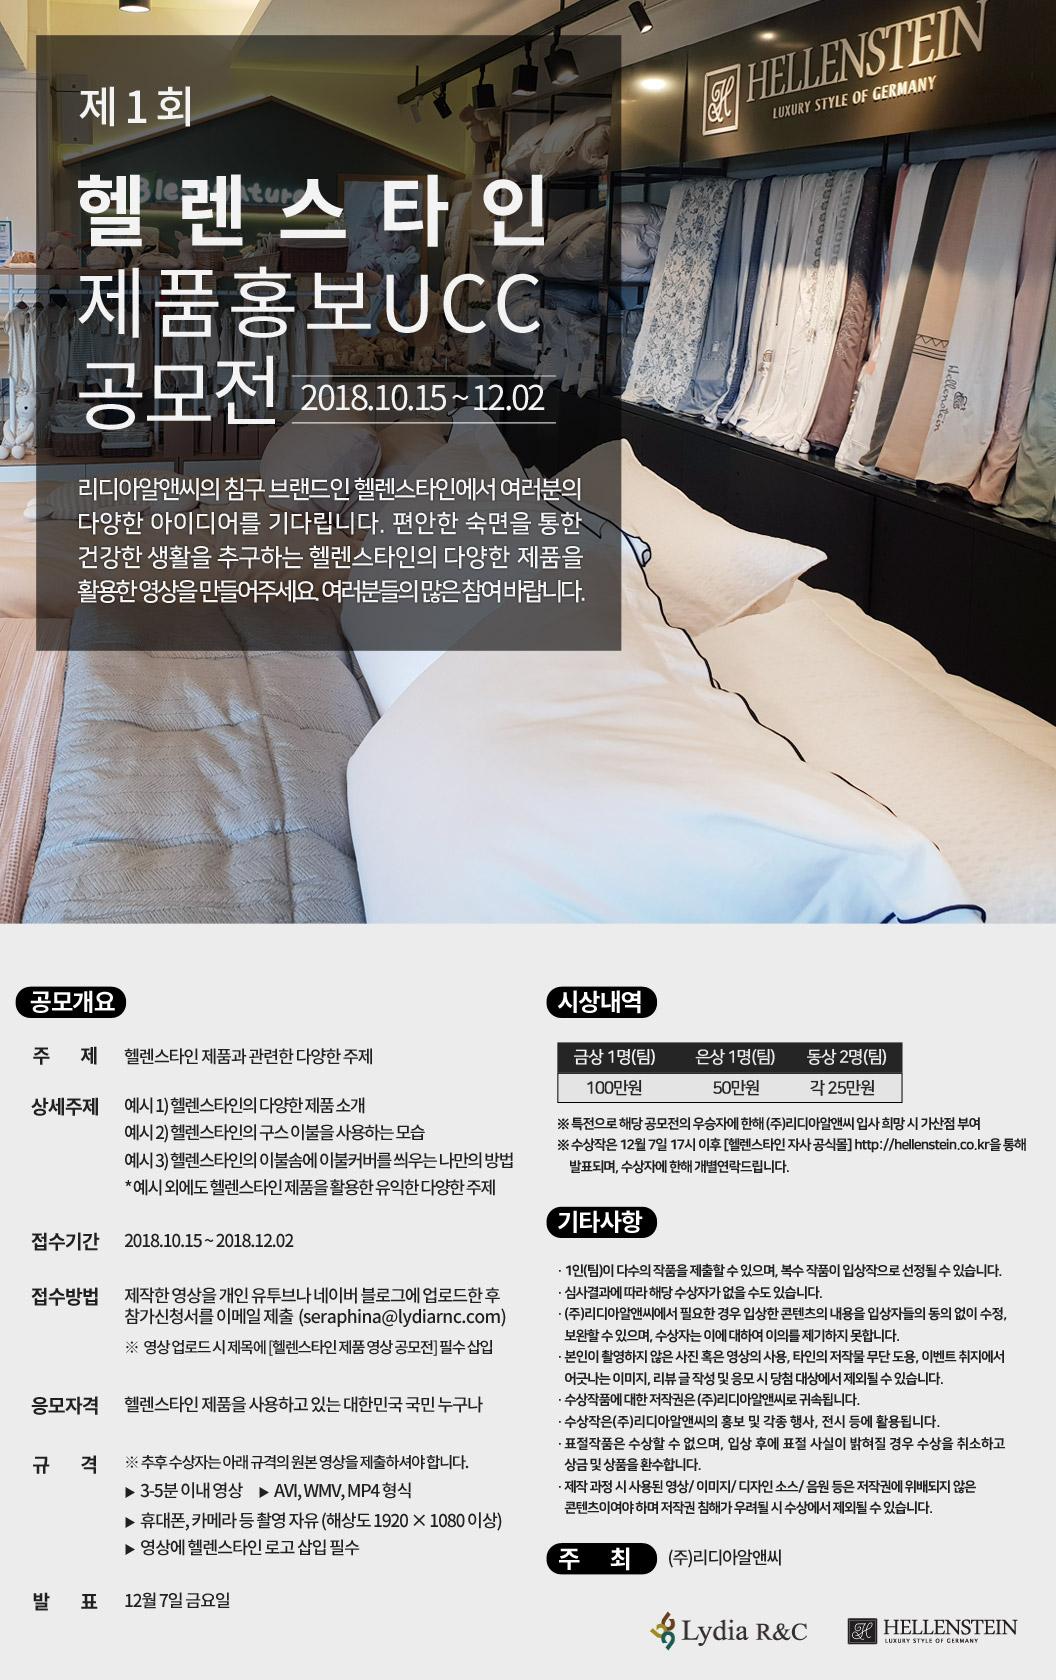 제1회 헬렌스타인 제품 홍보  영상/UCC 공모전